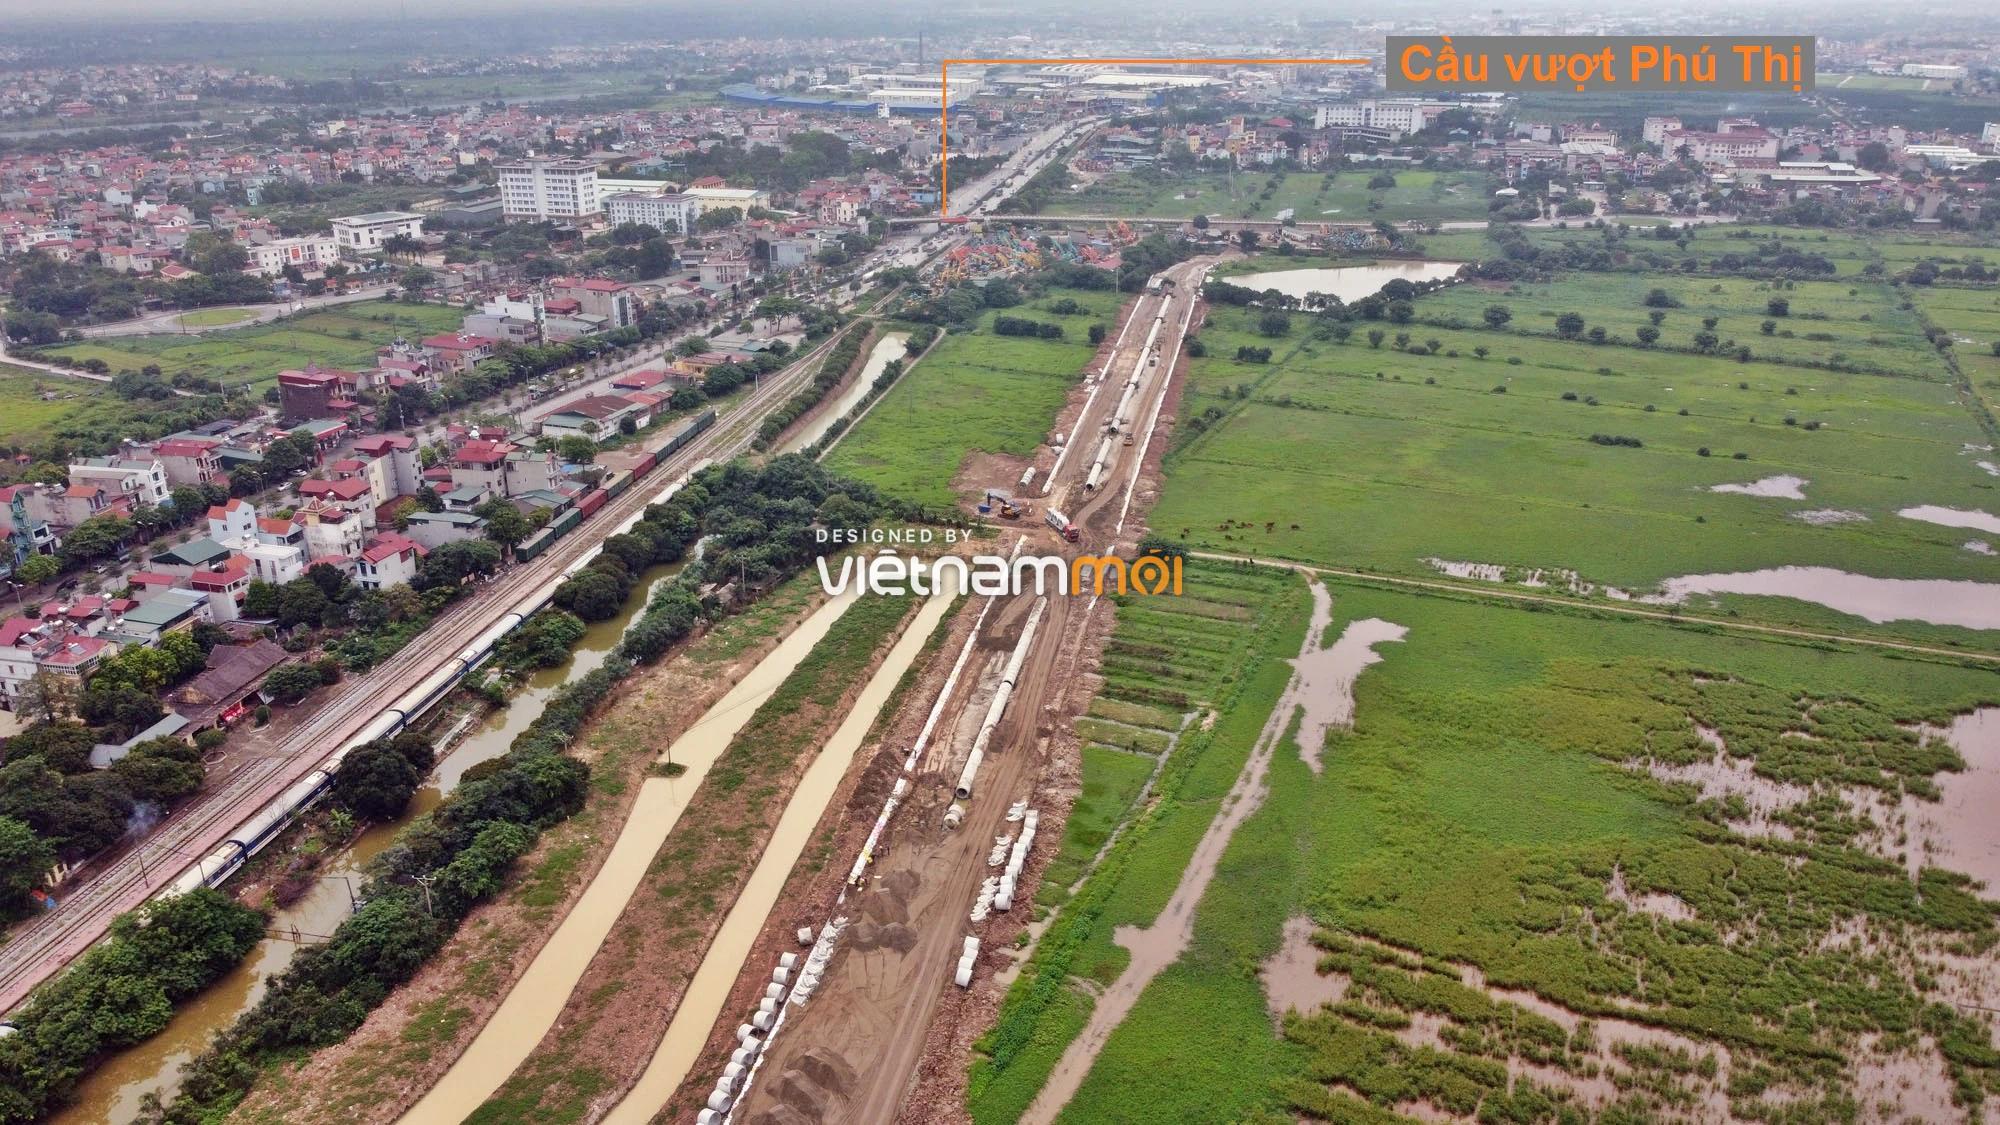 Toàn cảnh tuyến đường gom từ cầu Thanh Trì đến cầu vượt Phú Thị đang mở theo quy hoạch ở Hà Nội - Ảnh 16.